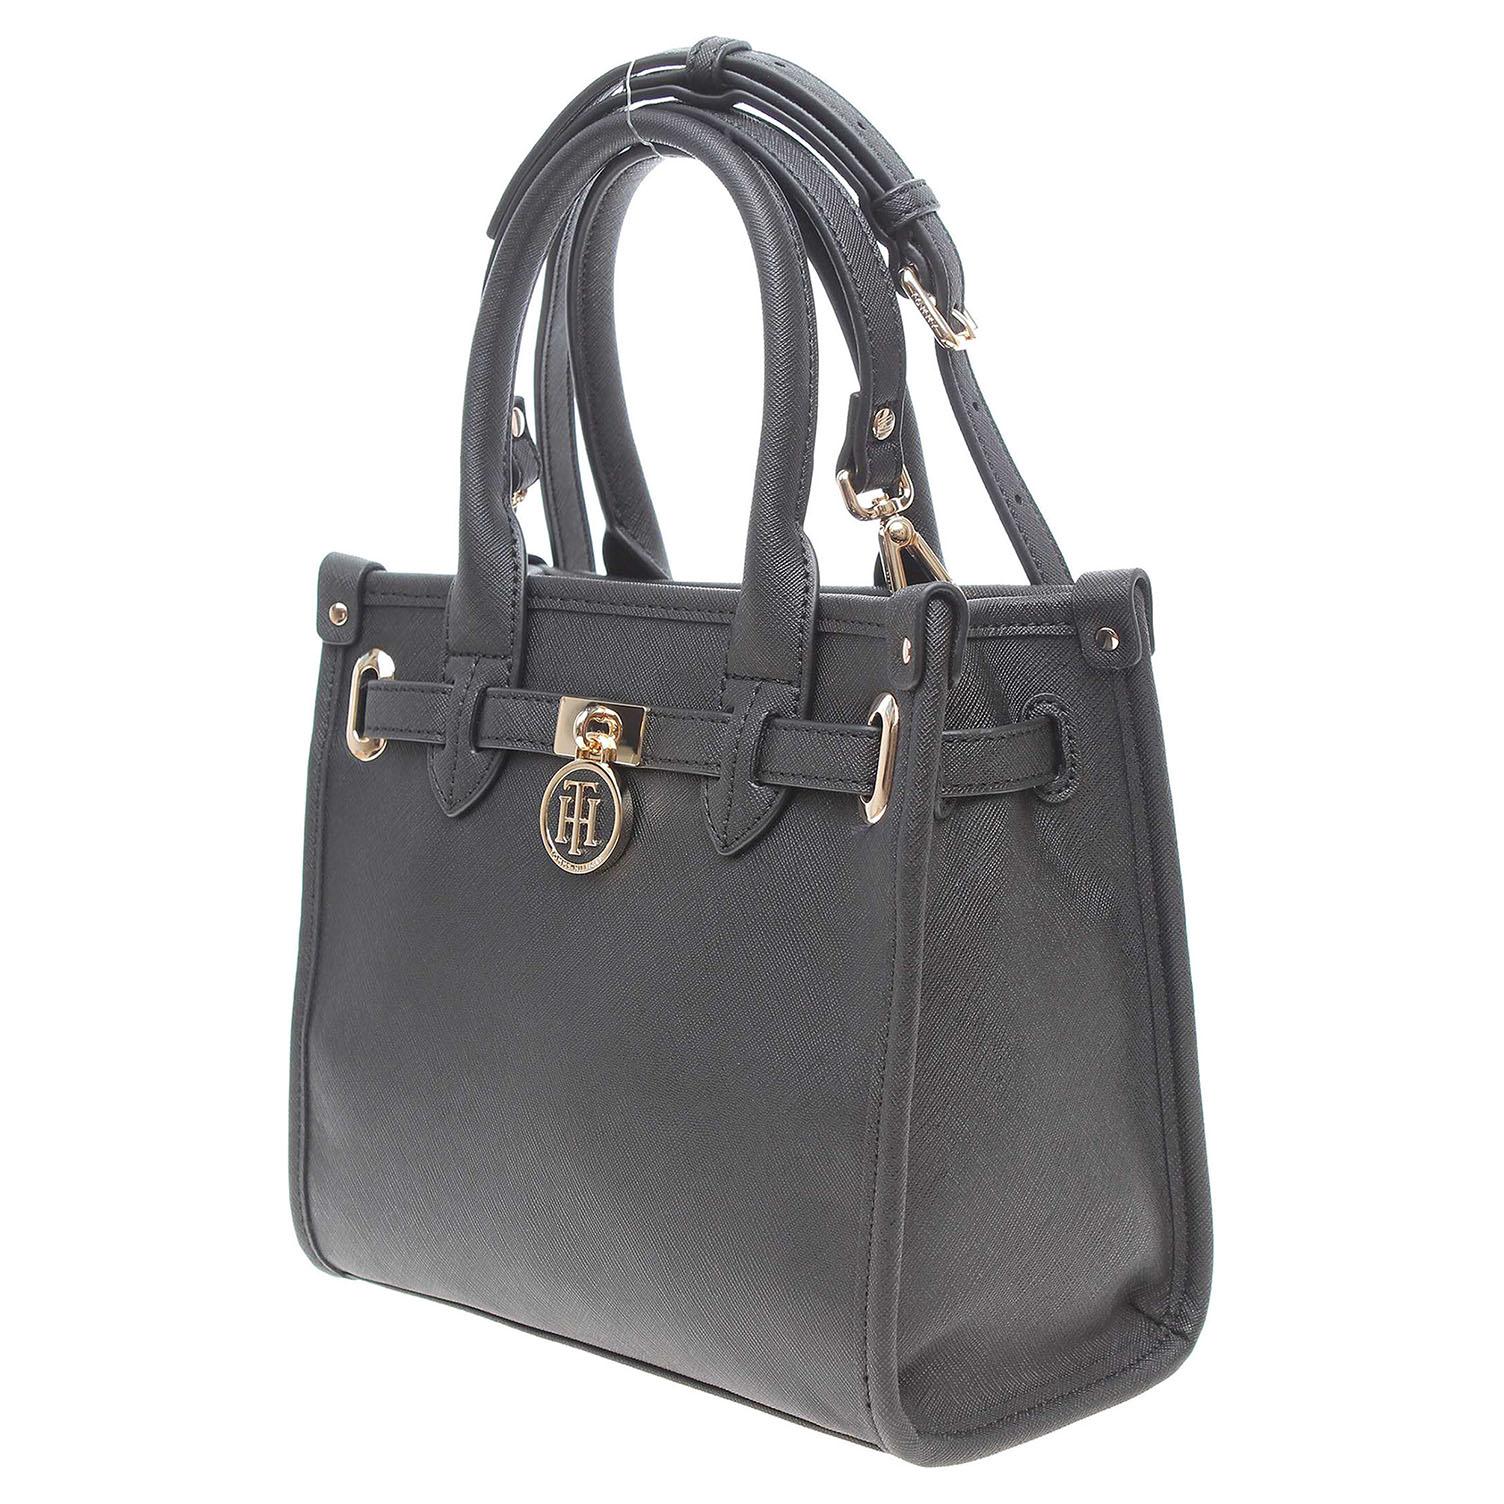 Tommy Hilfiger dámská kabelka AW0AW03646 černá 1